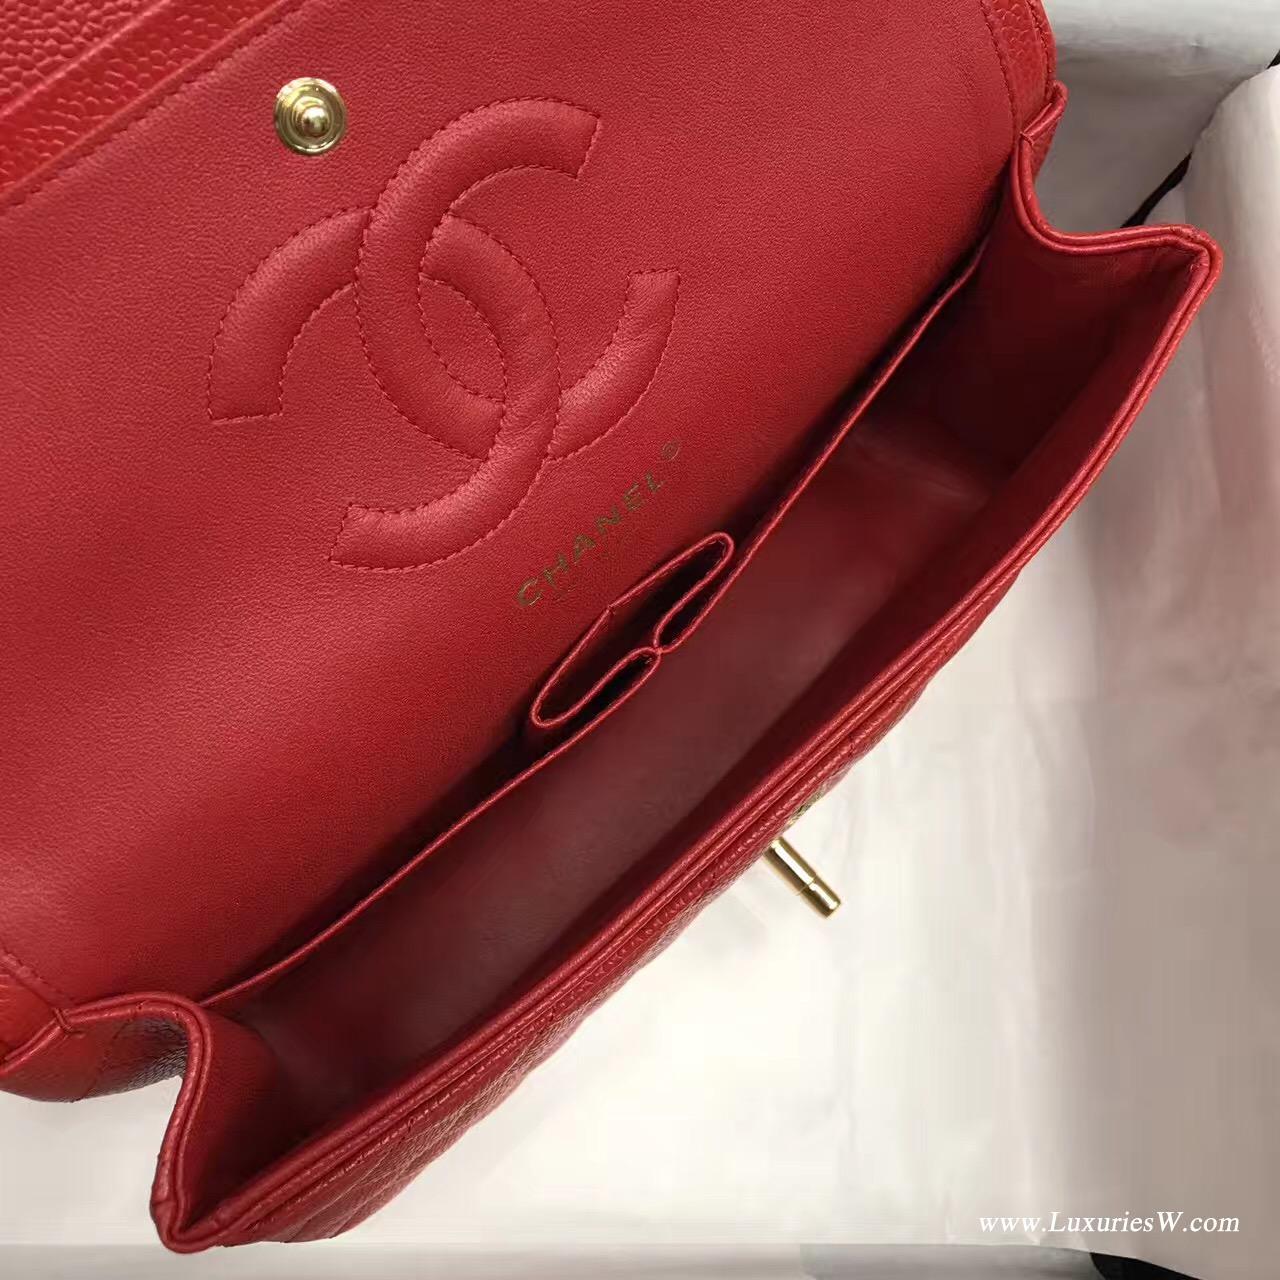 小香Classic Flap Bag A01112菱格鏈條經典口蓋包 红色 魚子醬金色